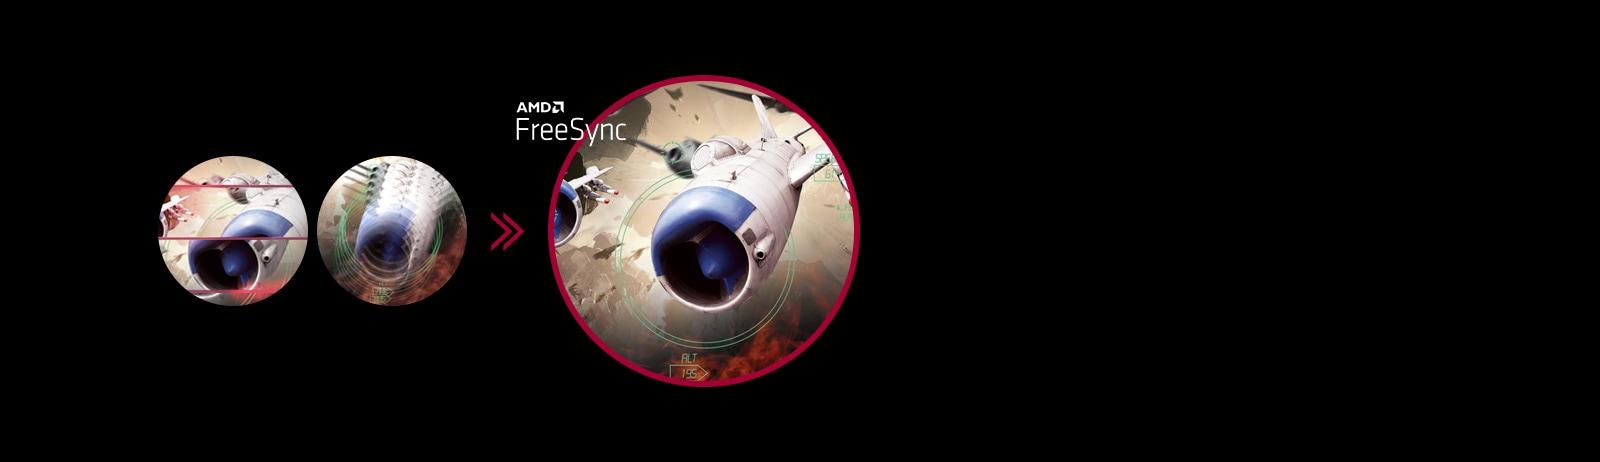 Hình ảnh game rõ ràng với chuyển động mượt mà, trôi chảy khi bật AMD FreeSync™, trong khi màn hình bị giật hình và rách hình khi tắt AMD FreeSync™.